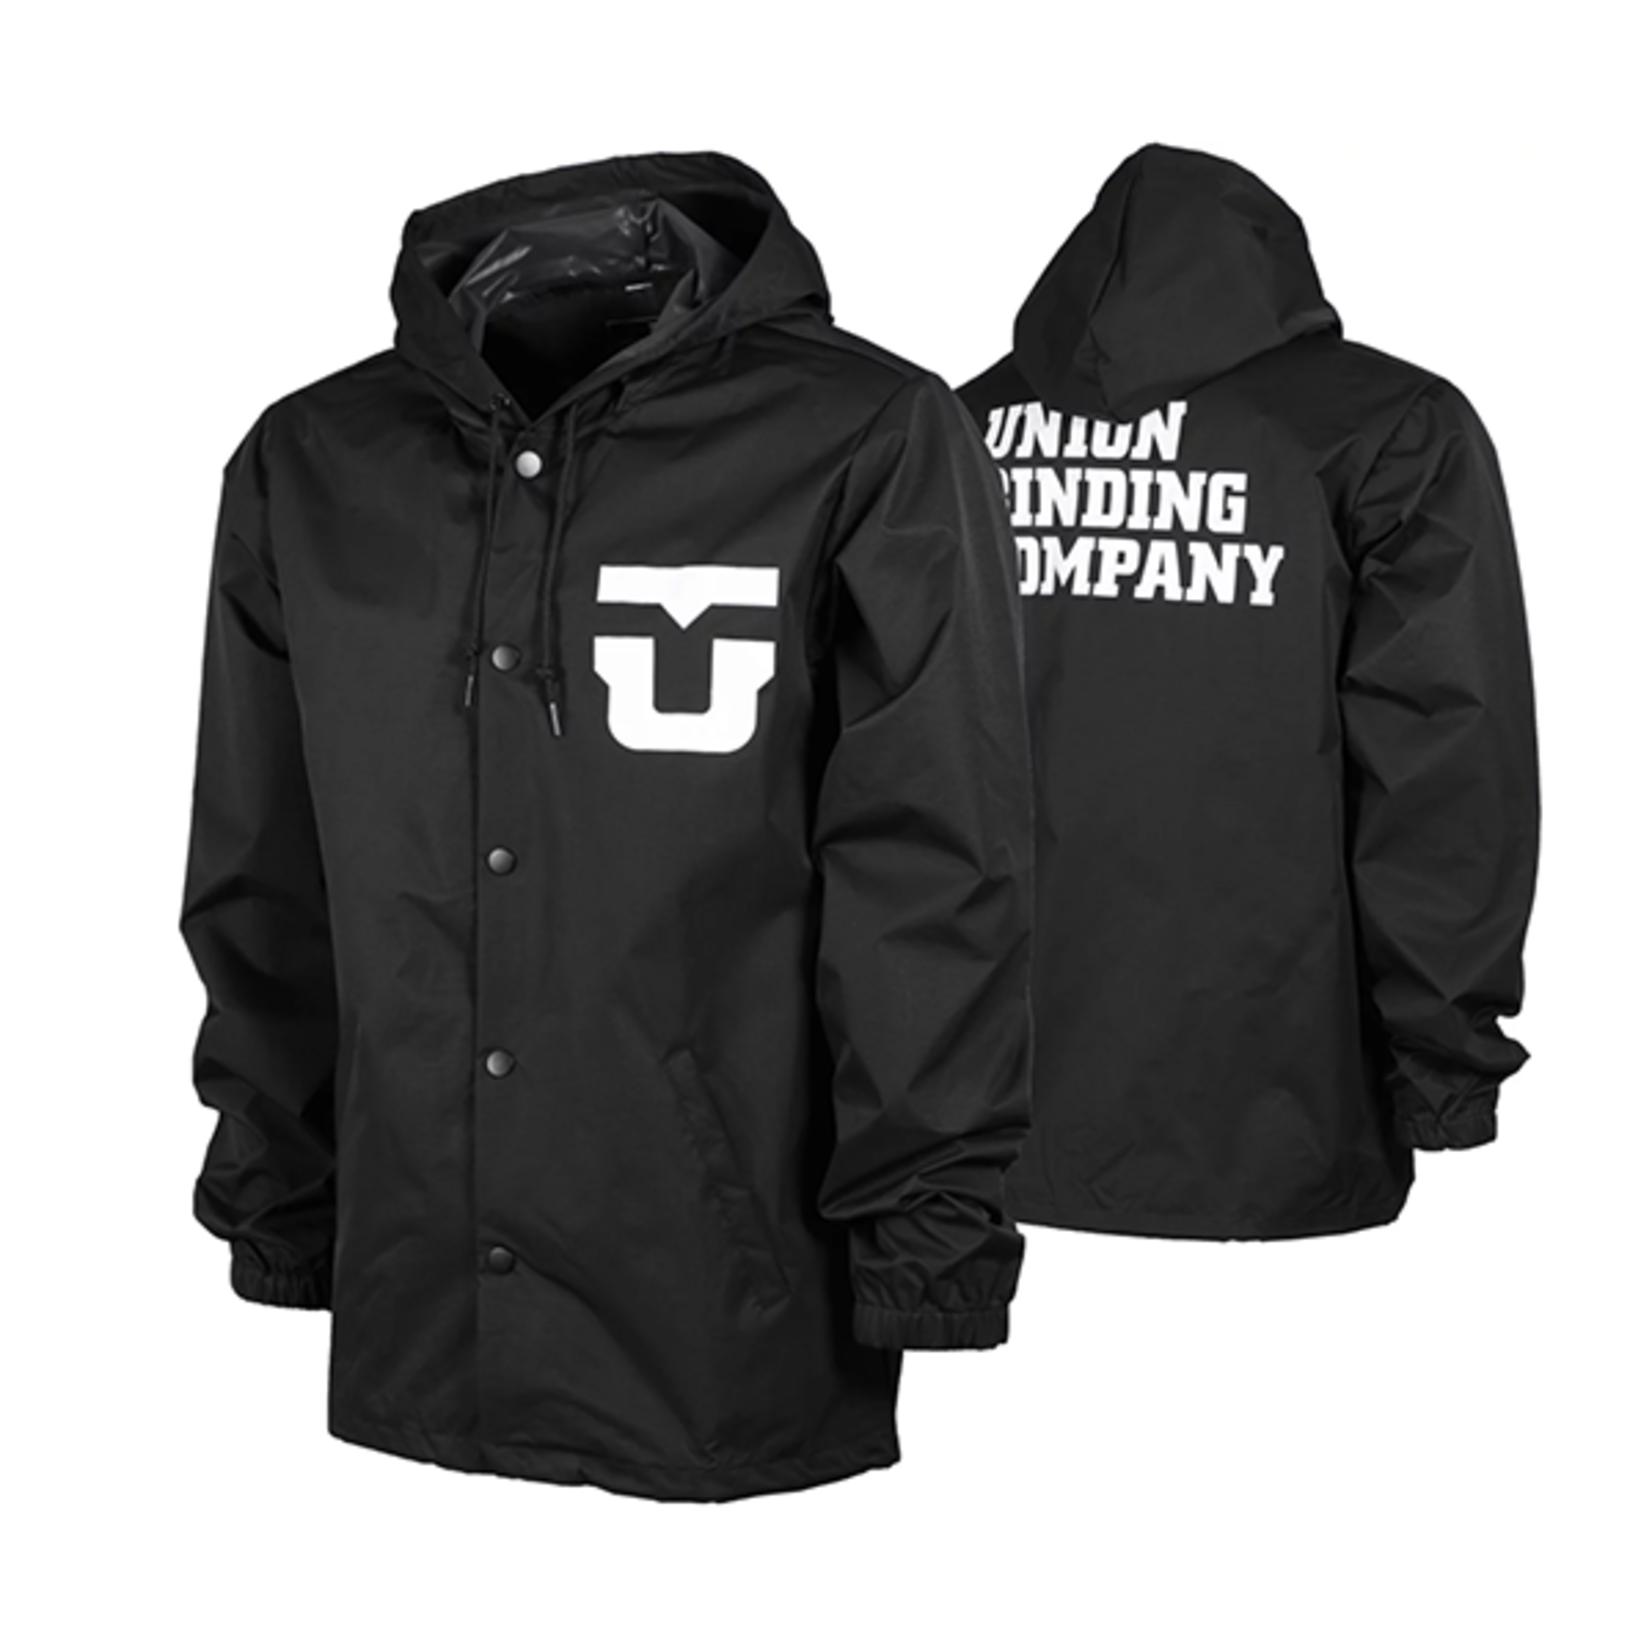 Union Team Jacket